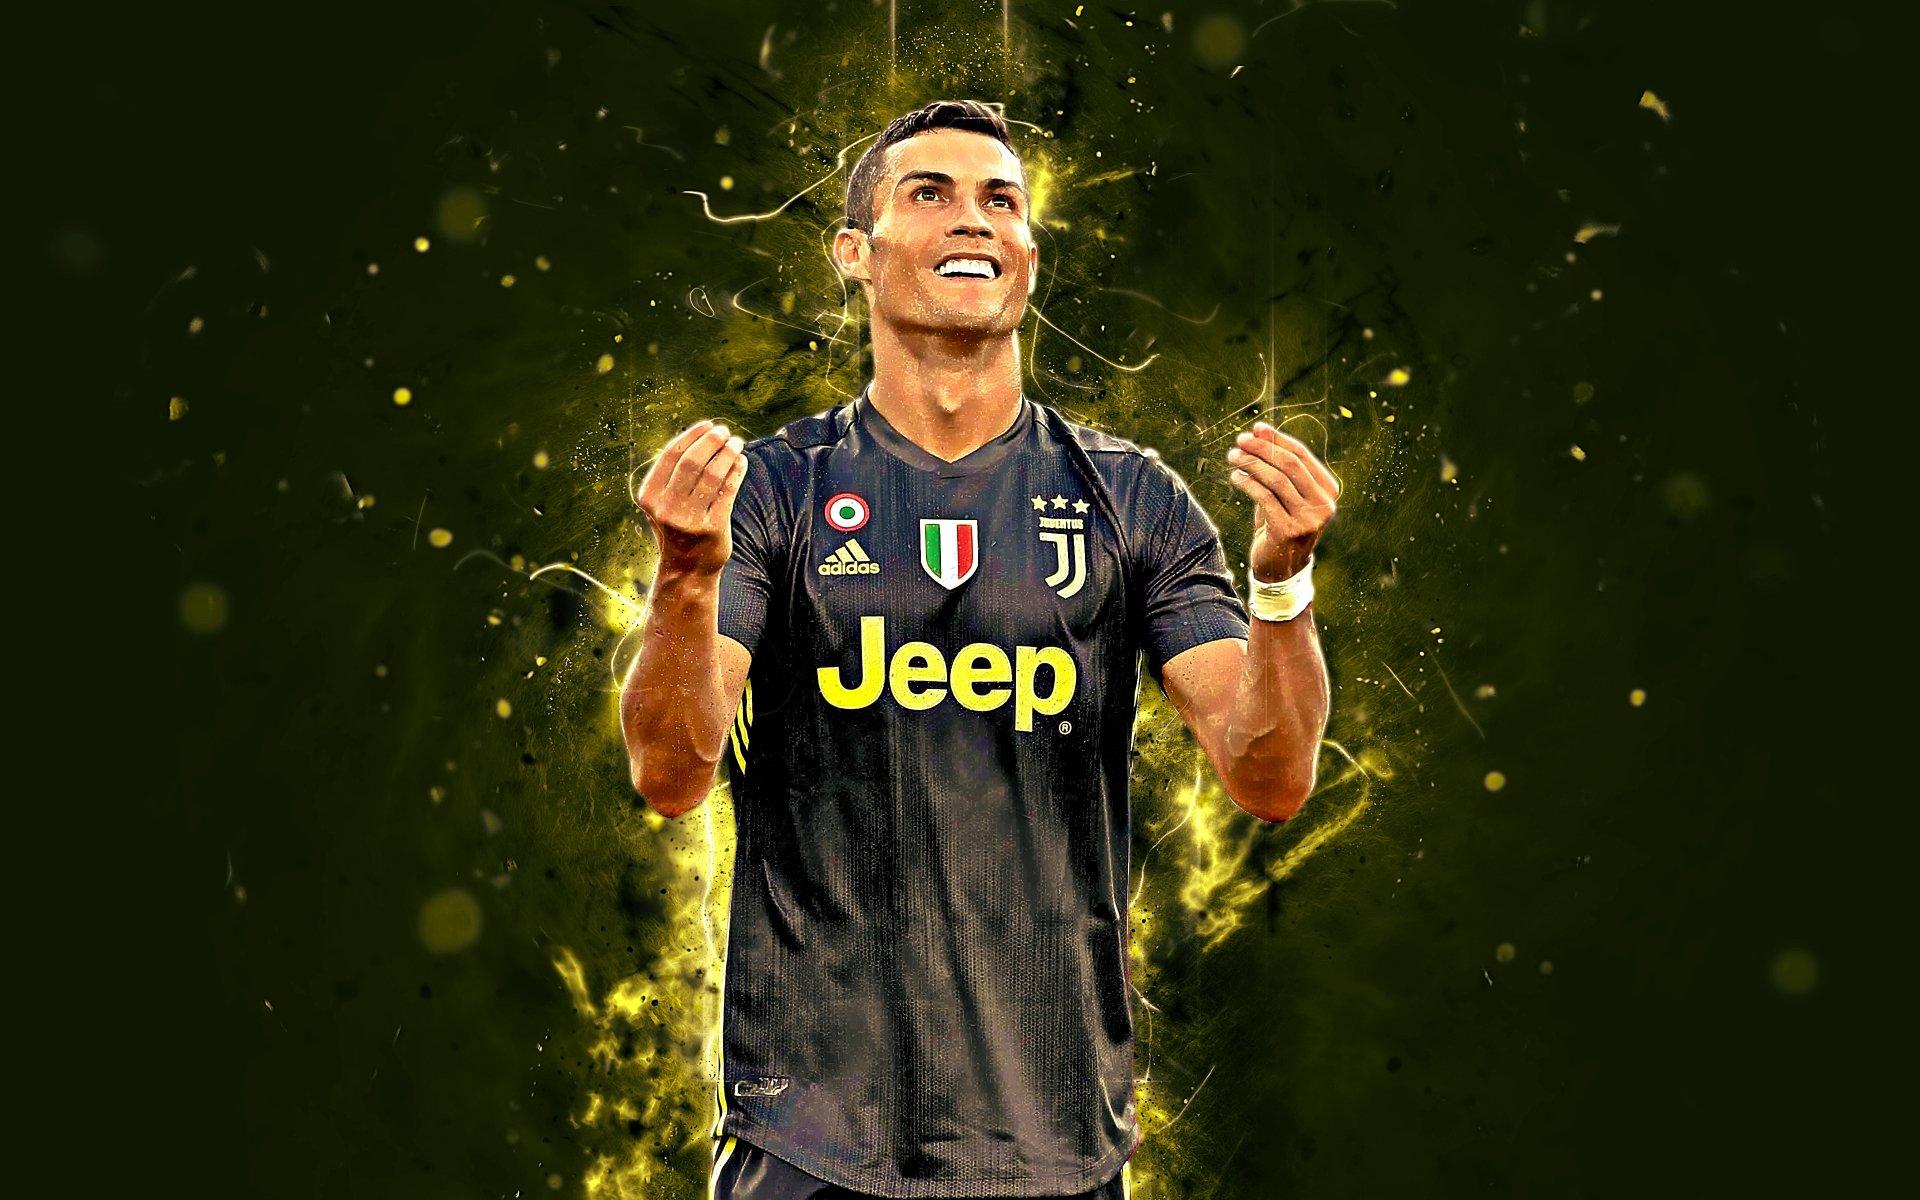 Juventus 4k Ultra HD Wallpaper